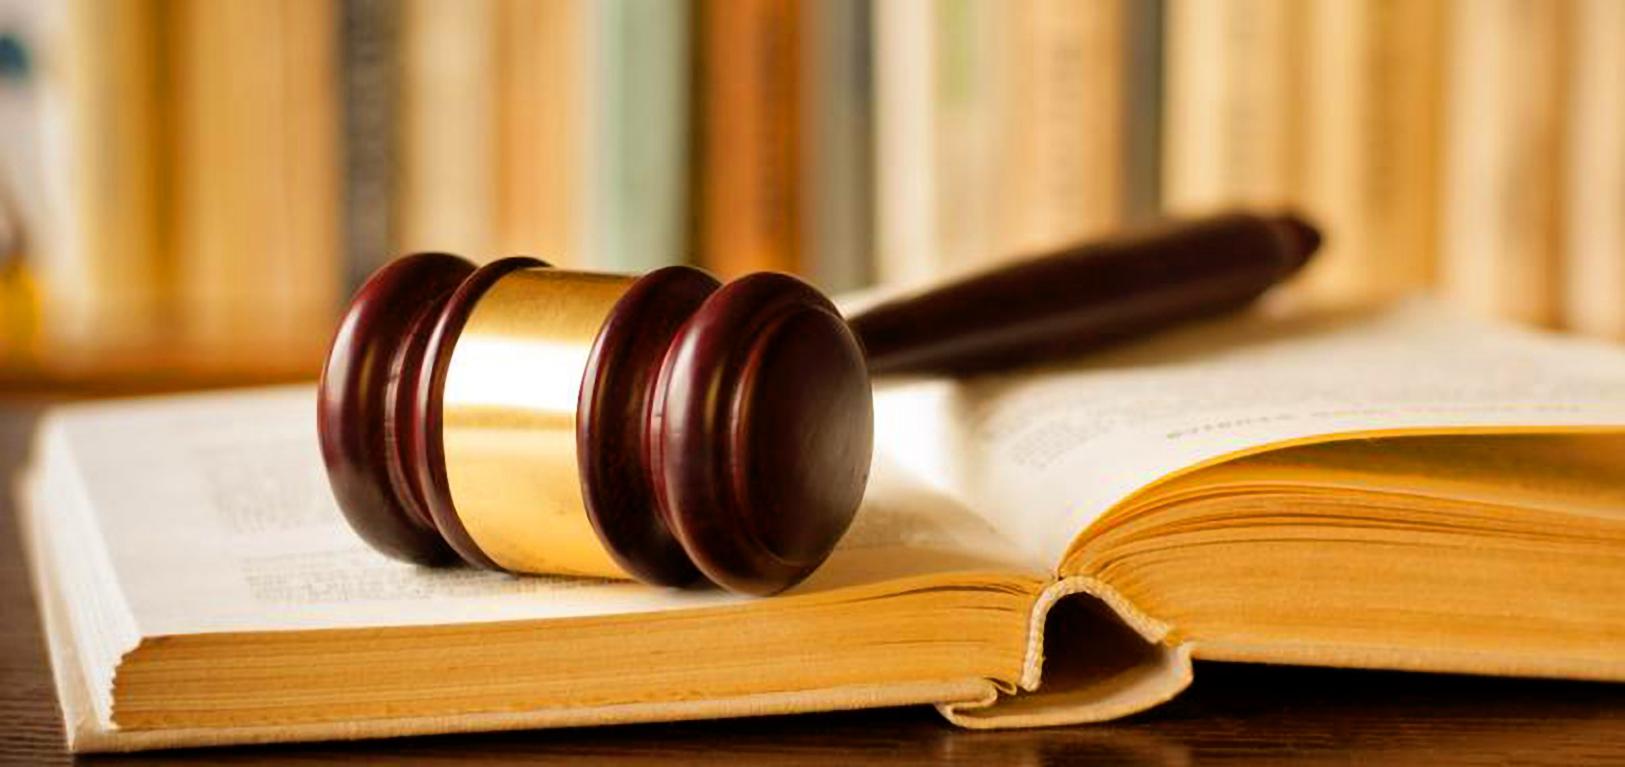 جایگاه حق انتفاع و حق ارتفاق در قانون ایران